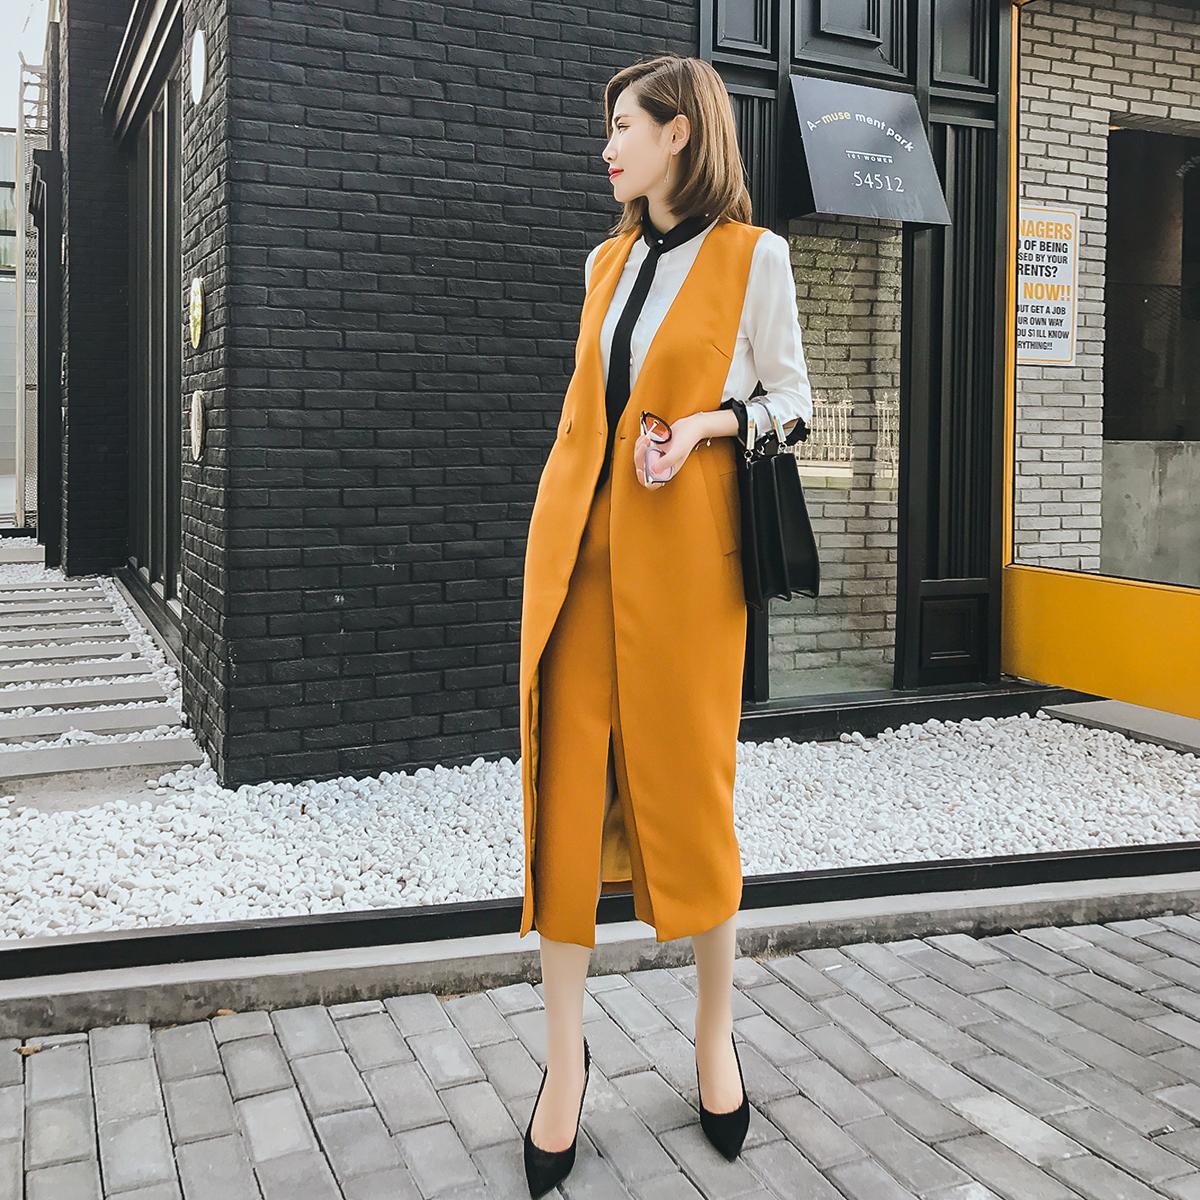 大英自制 2017春秋季新款马甲套装女时尚气质中长款半身裙假两件